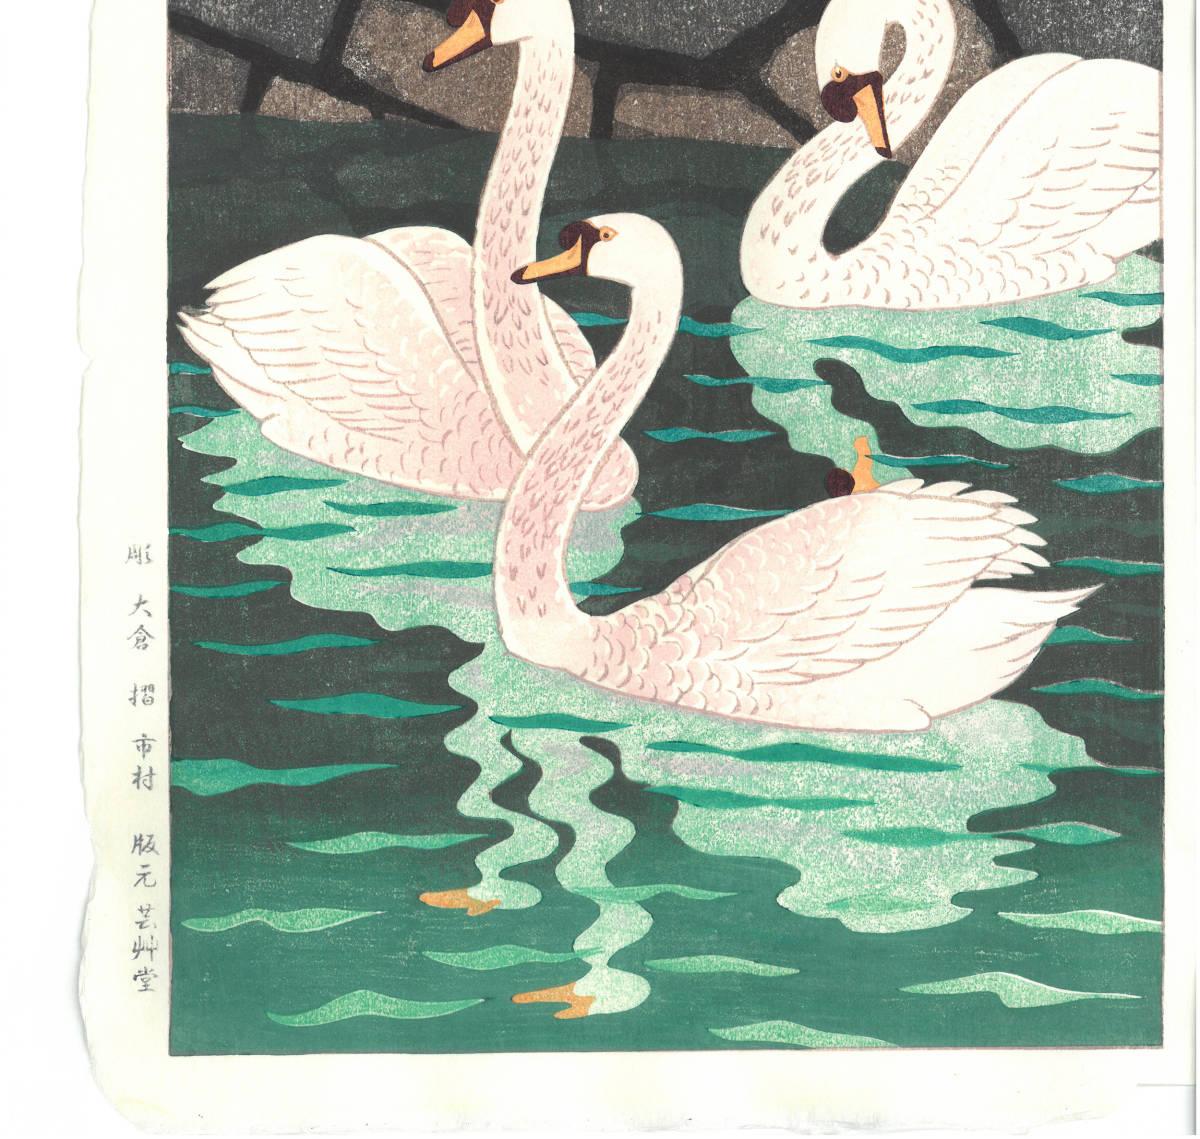 笠松紫浪 (Kasamatsu Shiro) 木版画 No29 おほりの春 新版画  初版昭和中期頃   一流の摺師の技をご堪能下さい!!_画像5